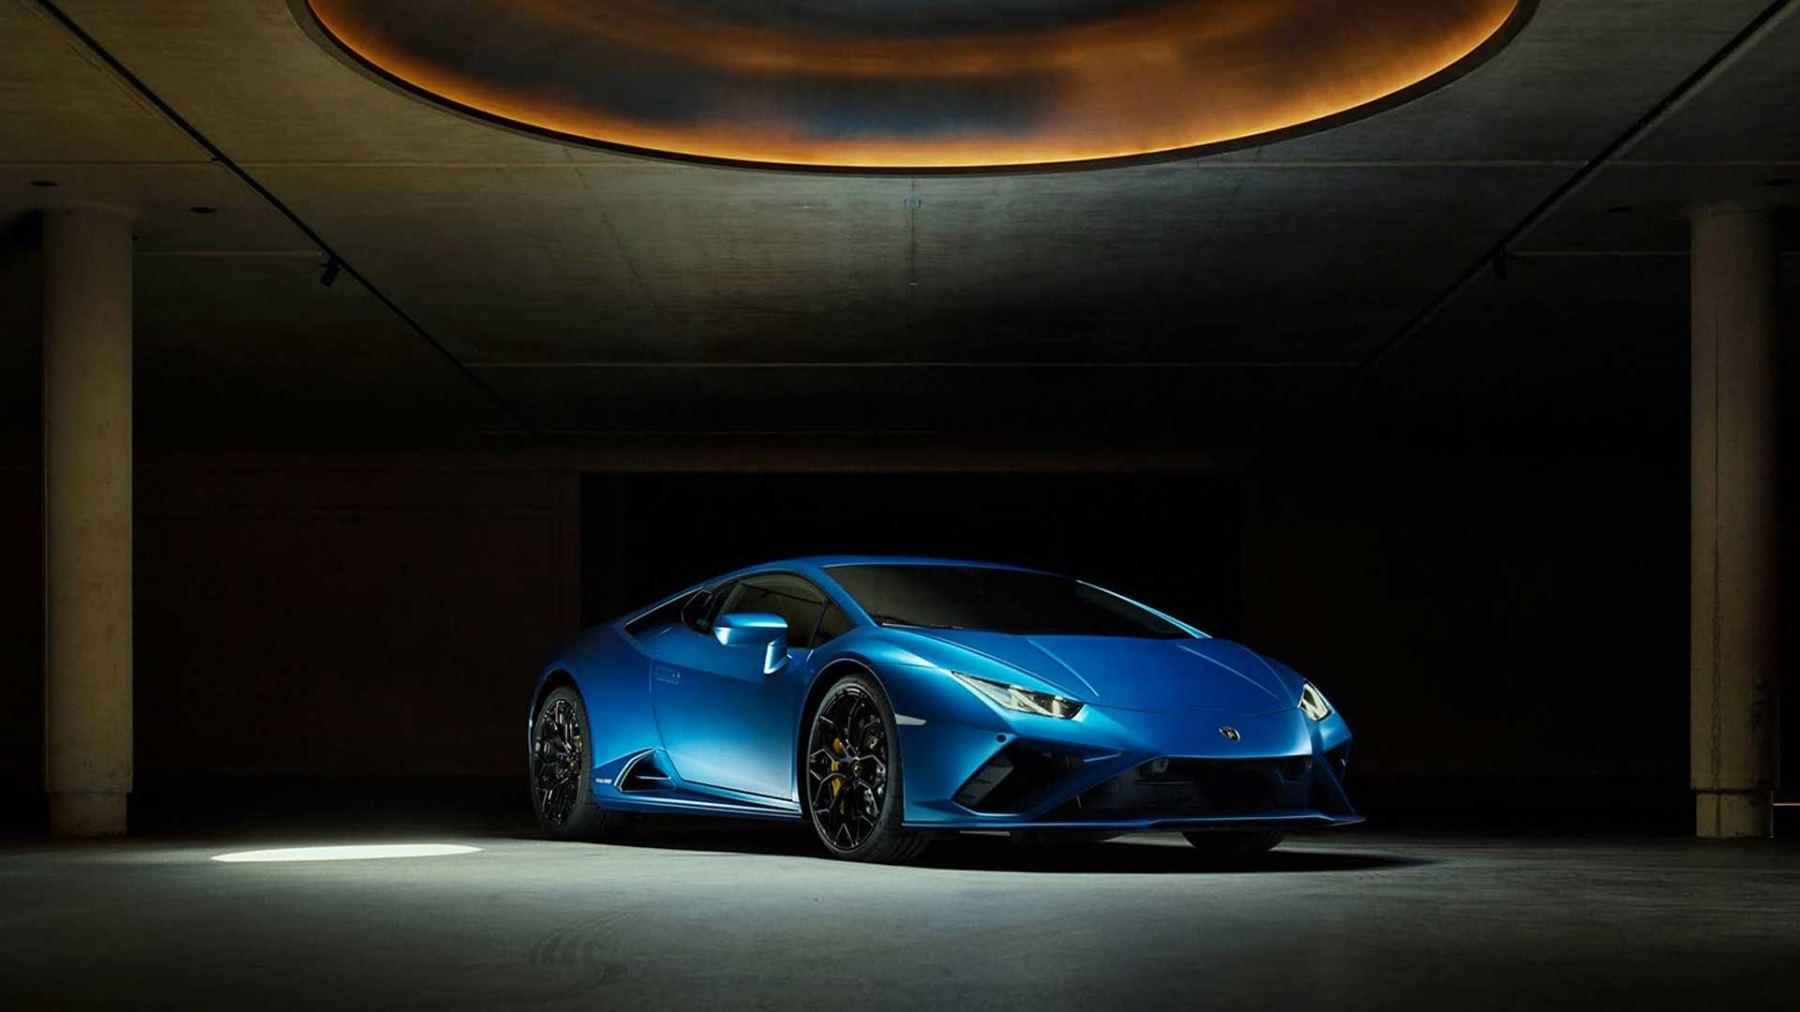 Lamborghini Huracán EVO RWD - Rewind to rear-wheel drive